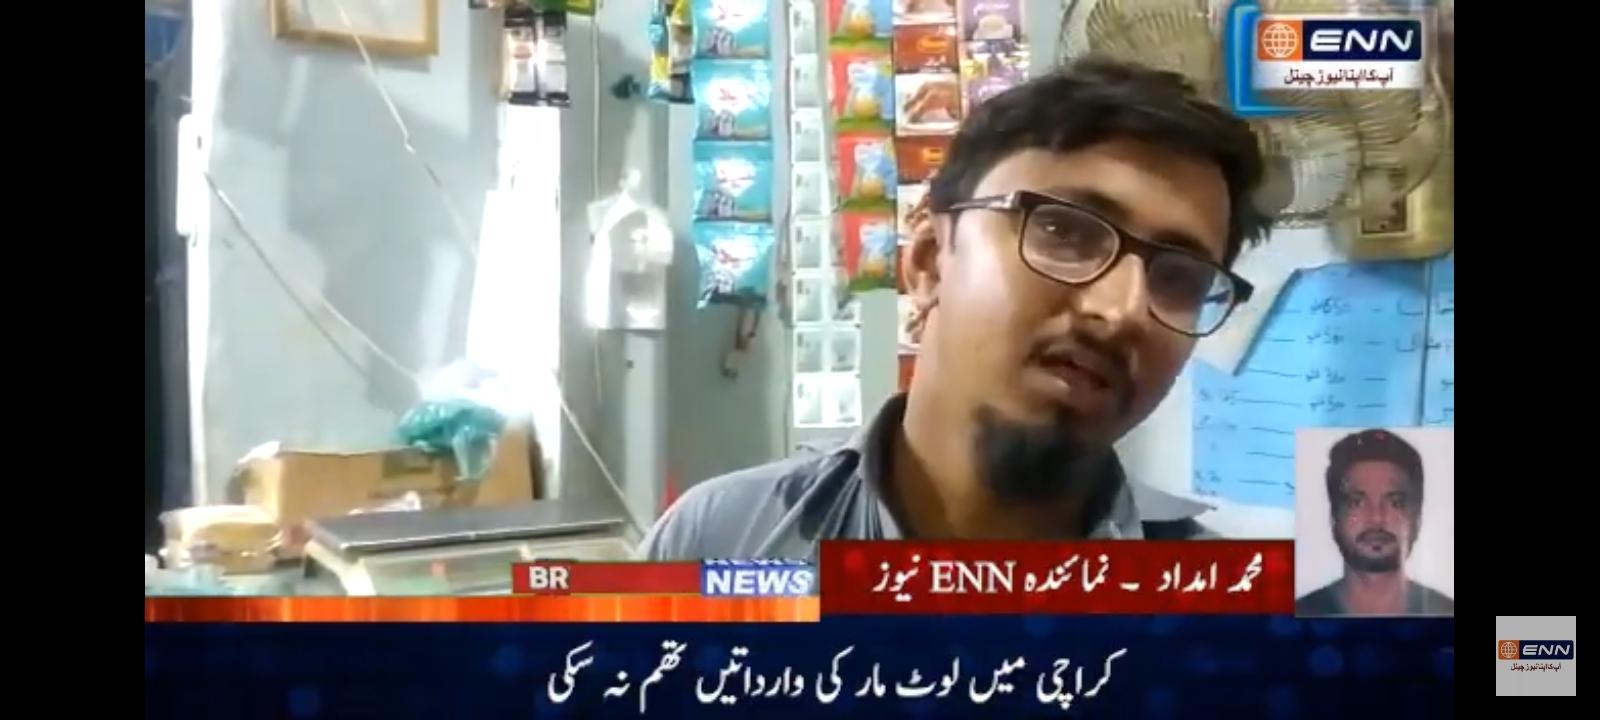 کراچی میں لوٹ مار کی وارداتیں تھم نہ سکی